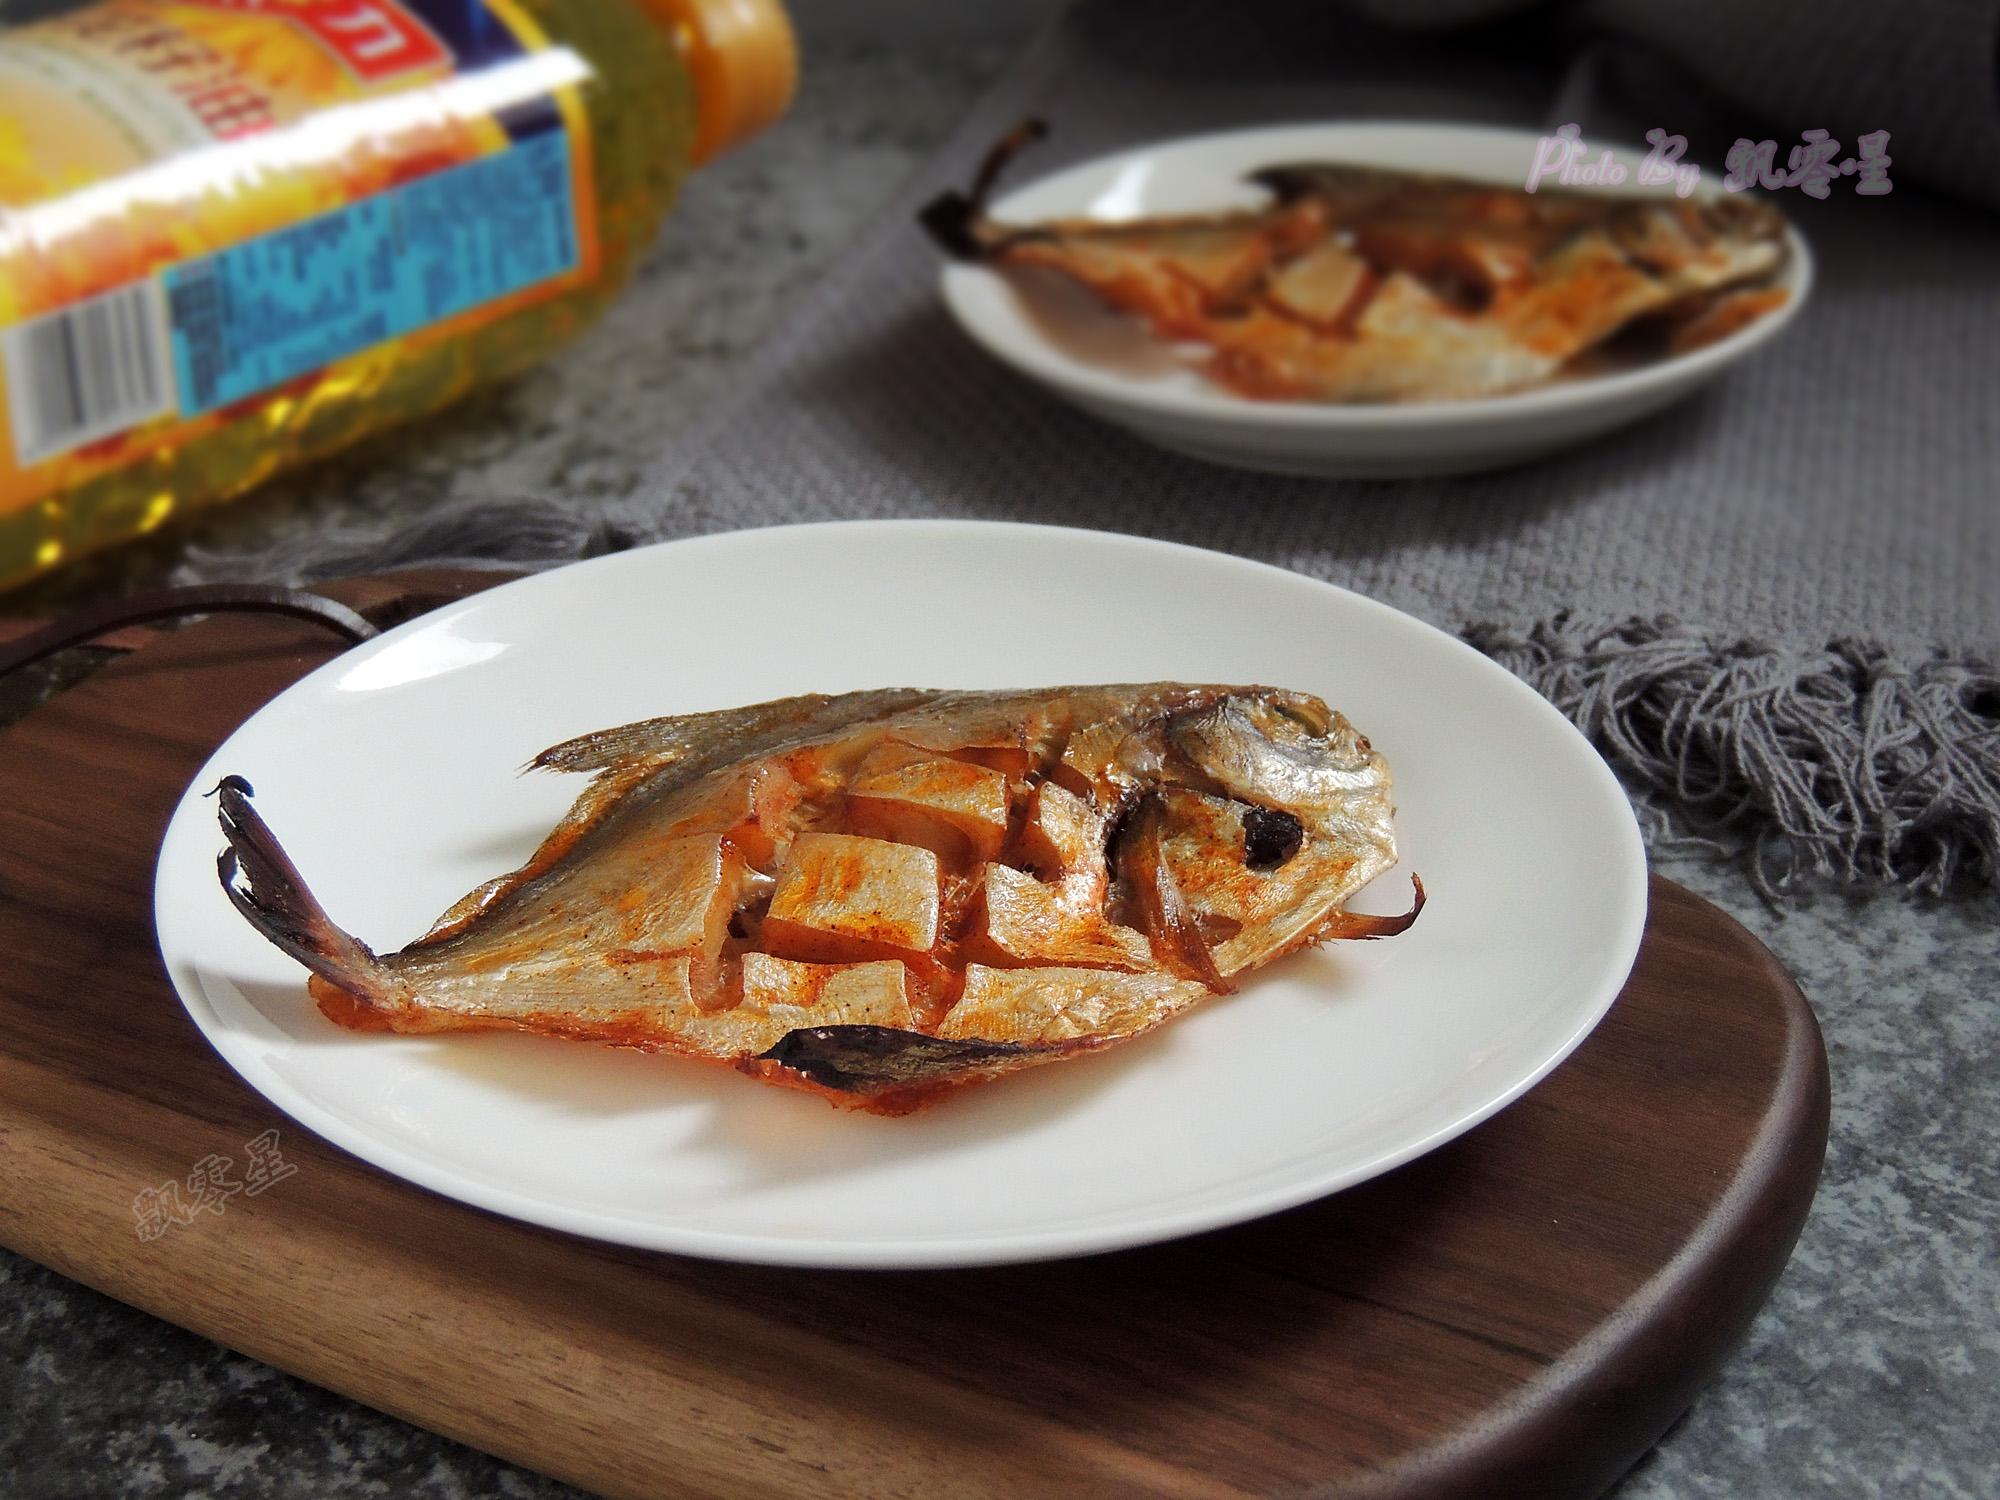 奥尔良烤蛤蜊的平鱼_做法_豆果菜谱美食炖老豆腐图片